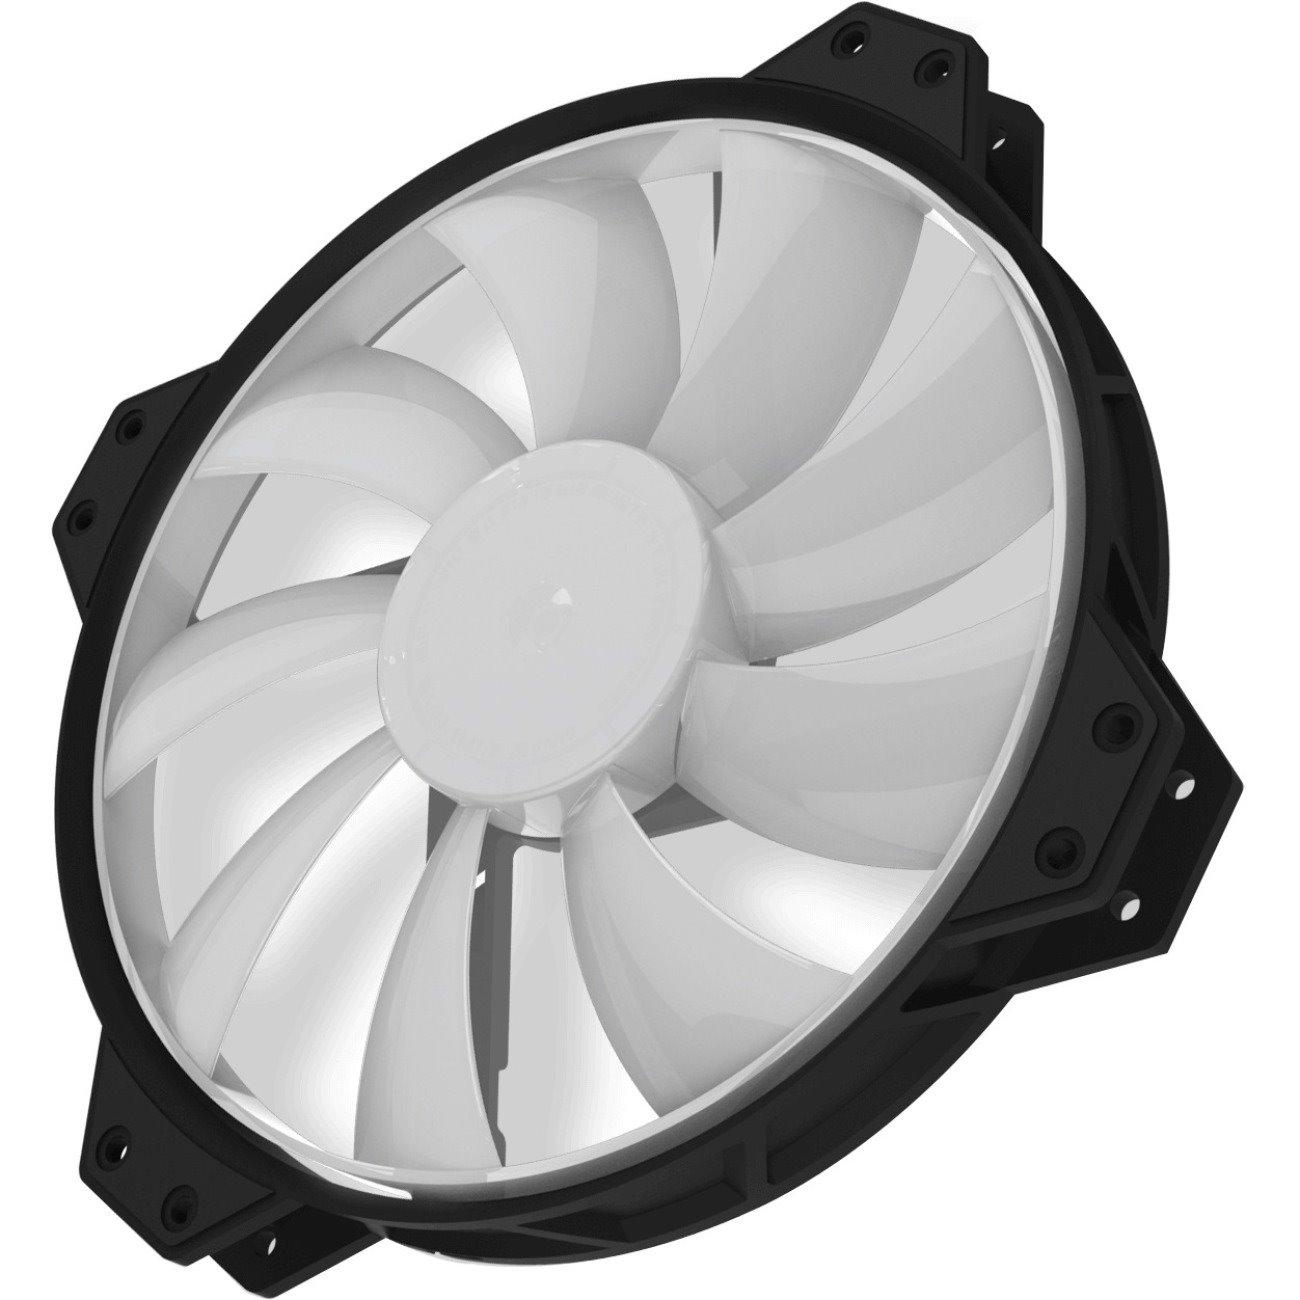 Cooler Master MasterFan MF200R Cooling Fan - Case